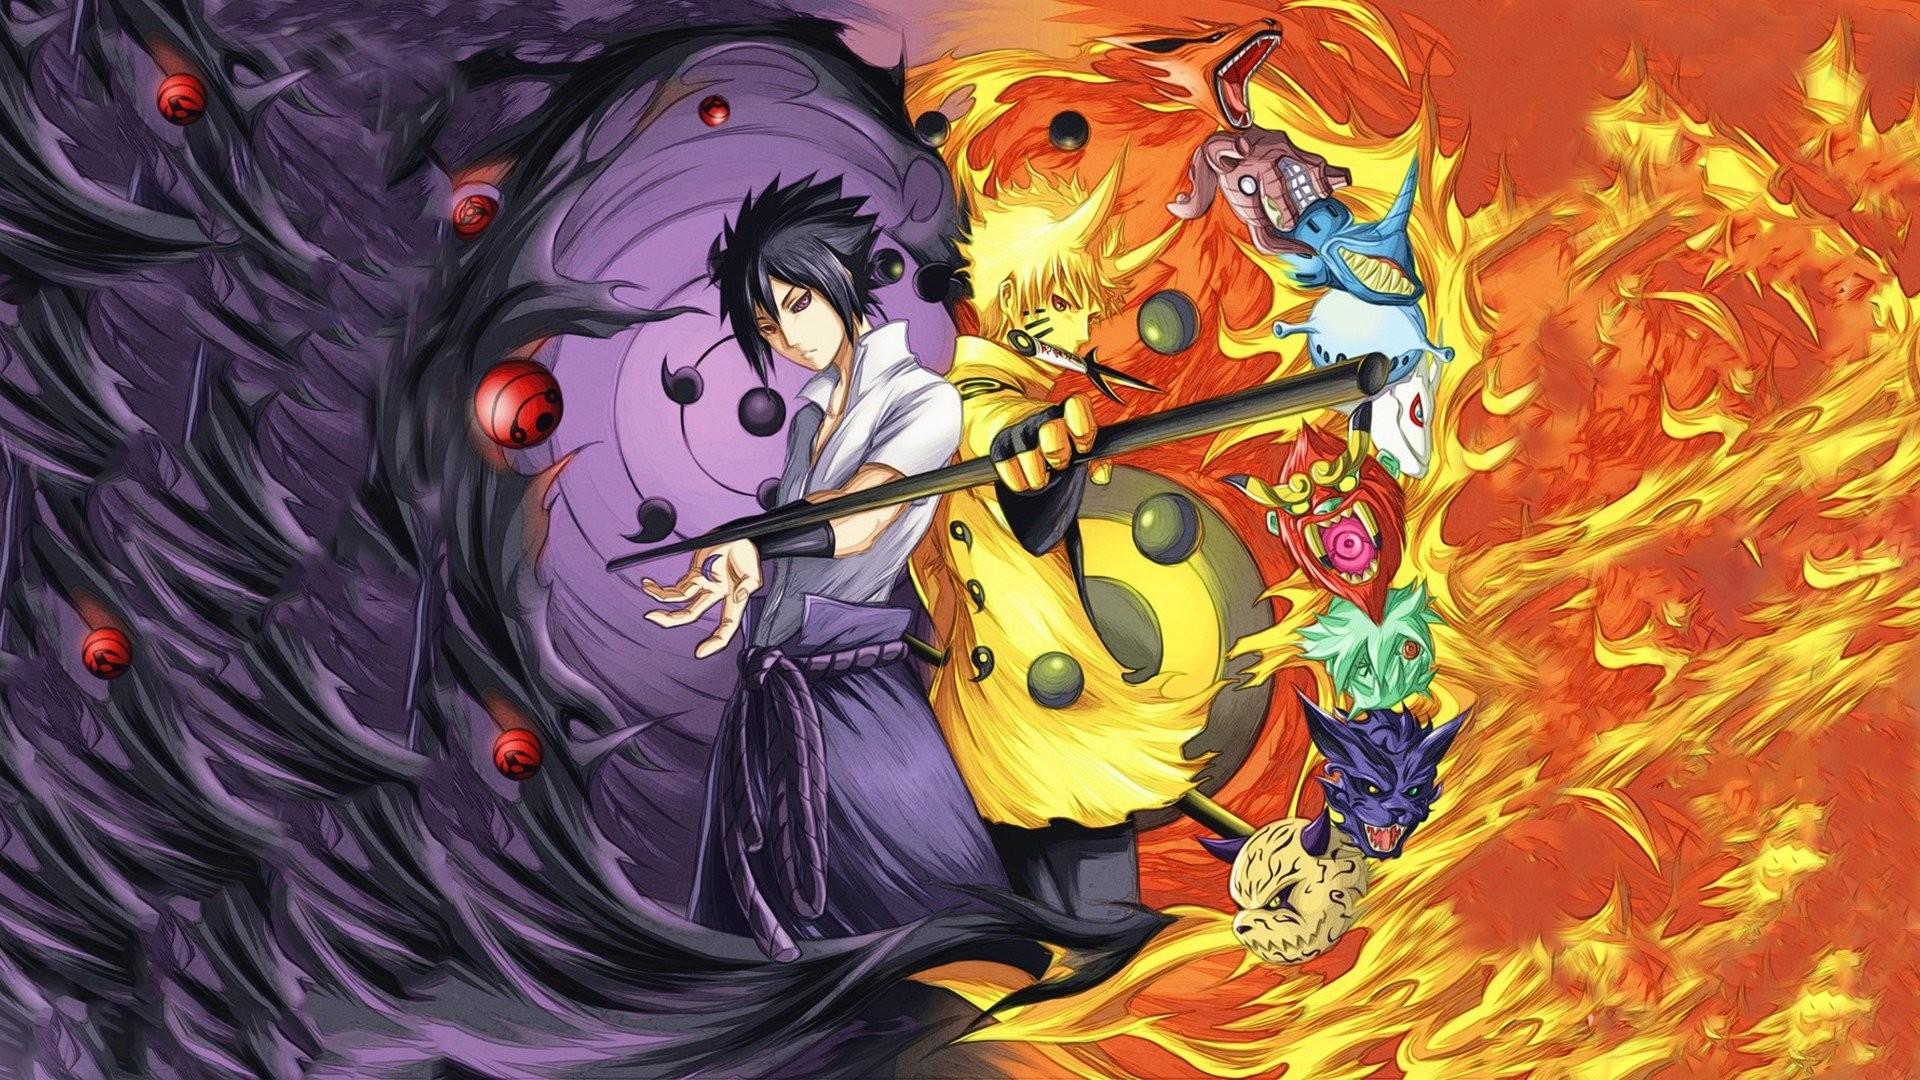 Naruto vs sasuke wallpaper 57 images - Image naruto sasuke ...